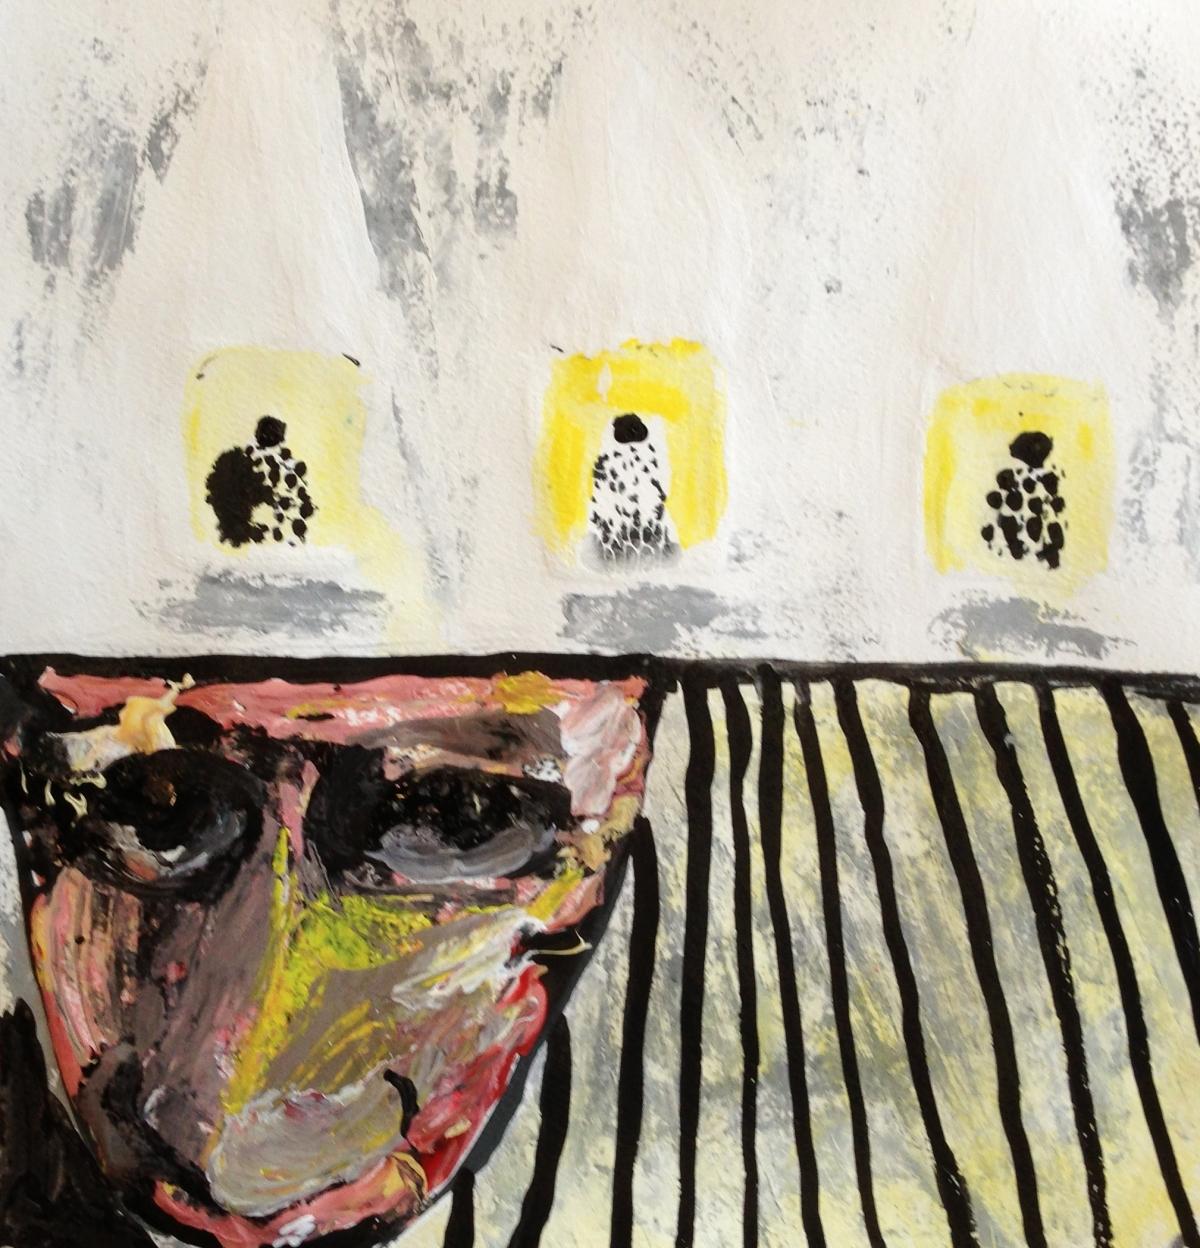 André Clouâtre, Content de moi, Gouache , 38 x 38 cm (15 x 15 po,), 2013